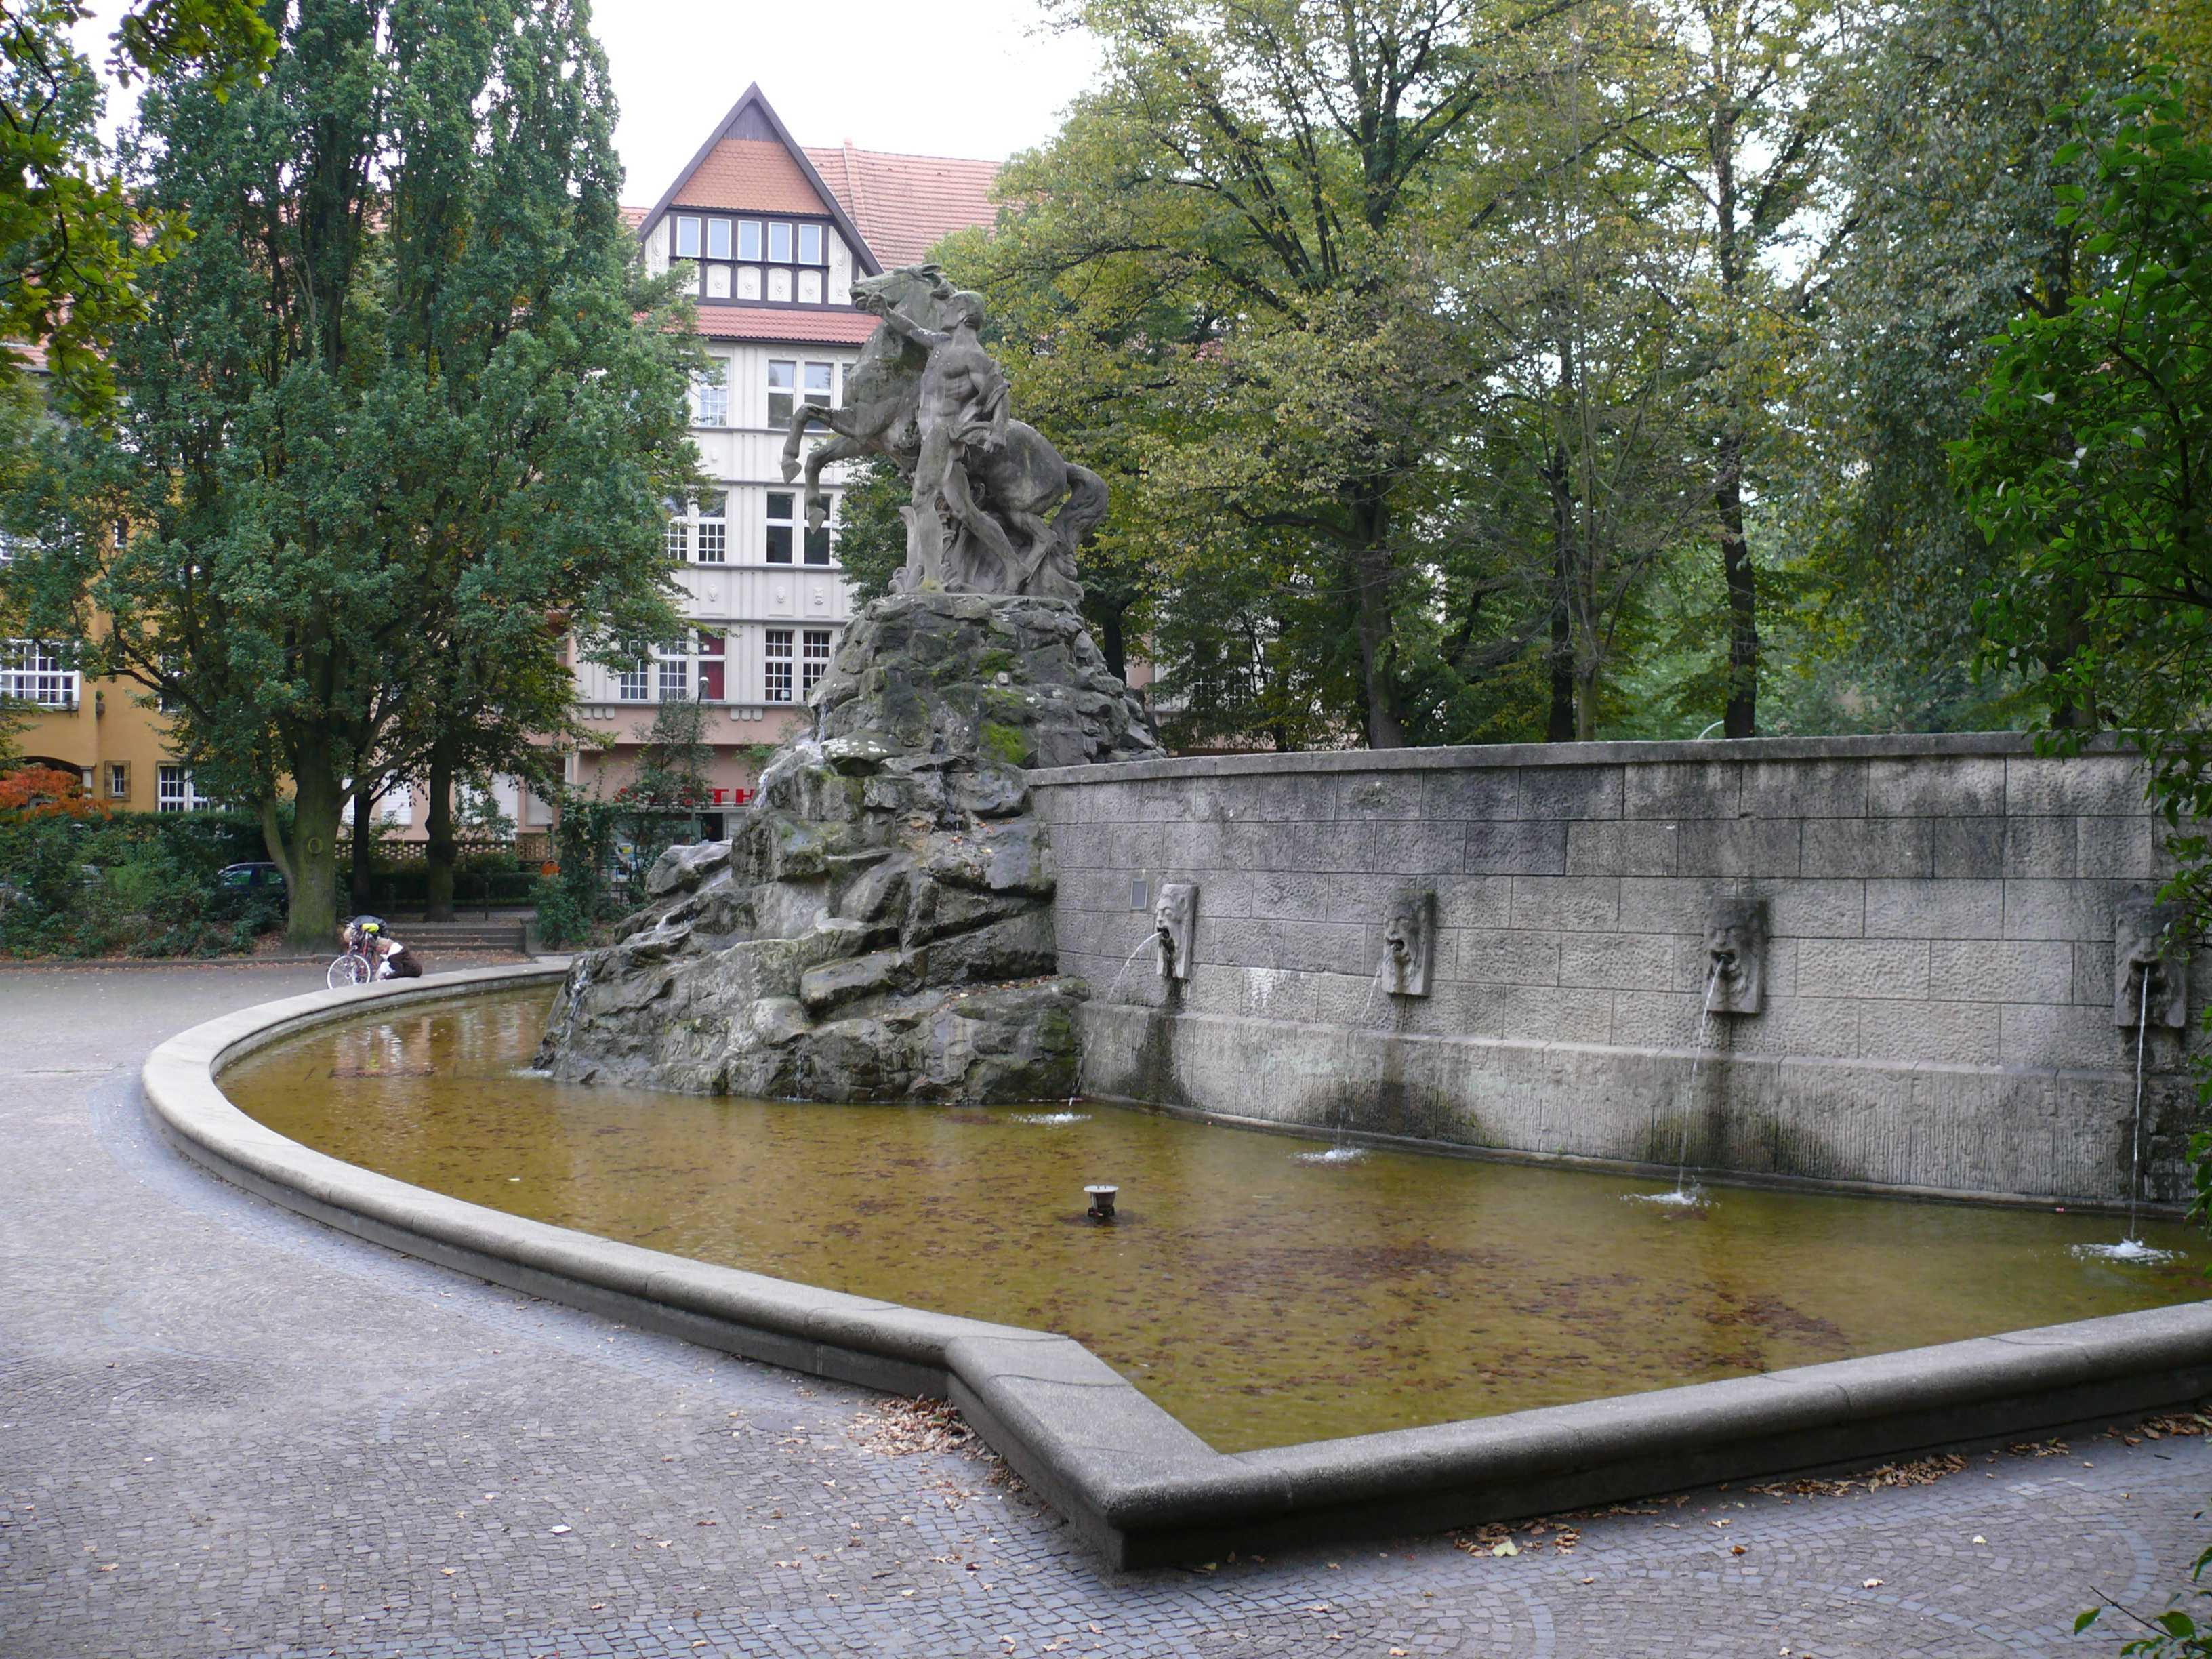 Platz 2021 rüdesheimer weinbrunnen Weinbrunnen Rüdesheimer